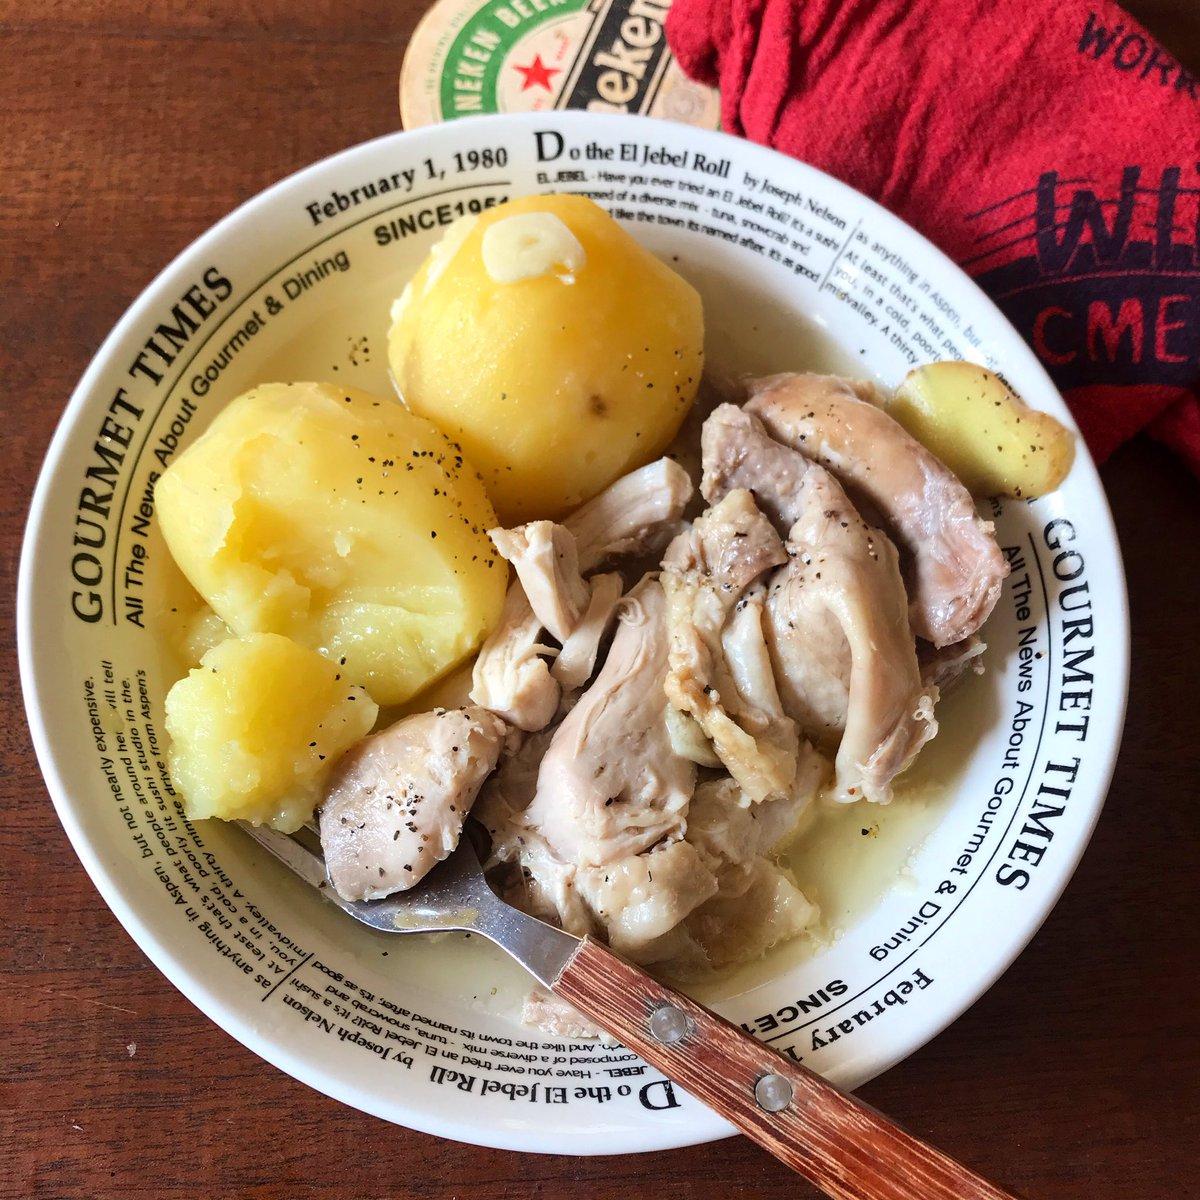 寒い日は…  炊飯器に[じゃがいも2〜3個、鶏モモ2枚(手羽でも)、水450ml、塩大さじ1弱、薄切りにんにく、好みで生姜各1片]を入れて炊く。それだけ。  持ち上げると崩れるほどお肉ホロホロ、絶品のスープ煮です。調味料が塩だけと思えない。旨味が染みたじゃがいもがまた美味しい!  お鍋で煮ても◎